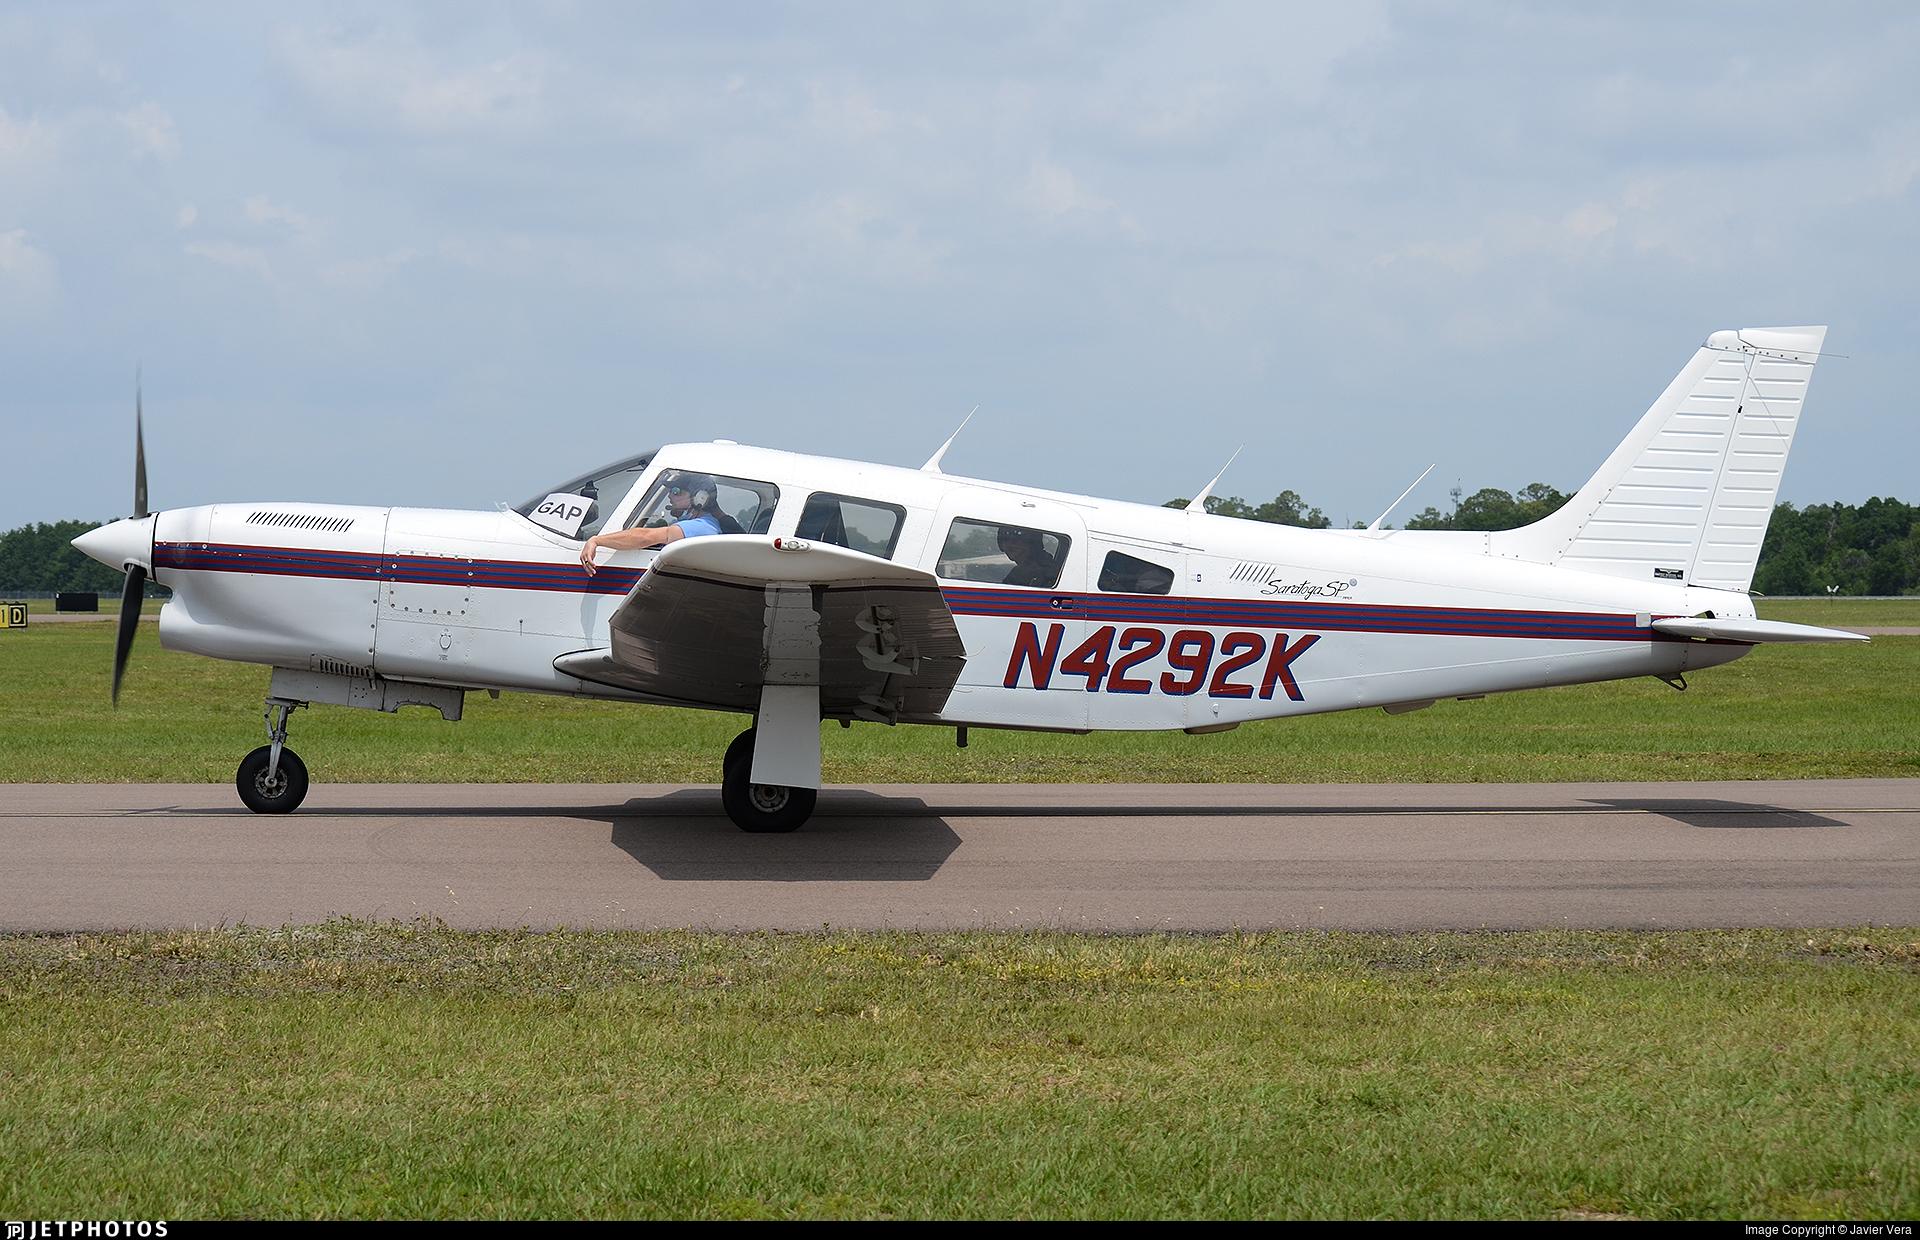 N4292K - Piper PA-32R-301 Saratoga SP - Private